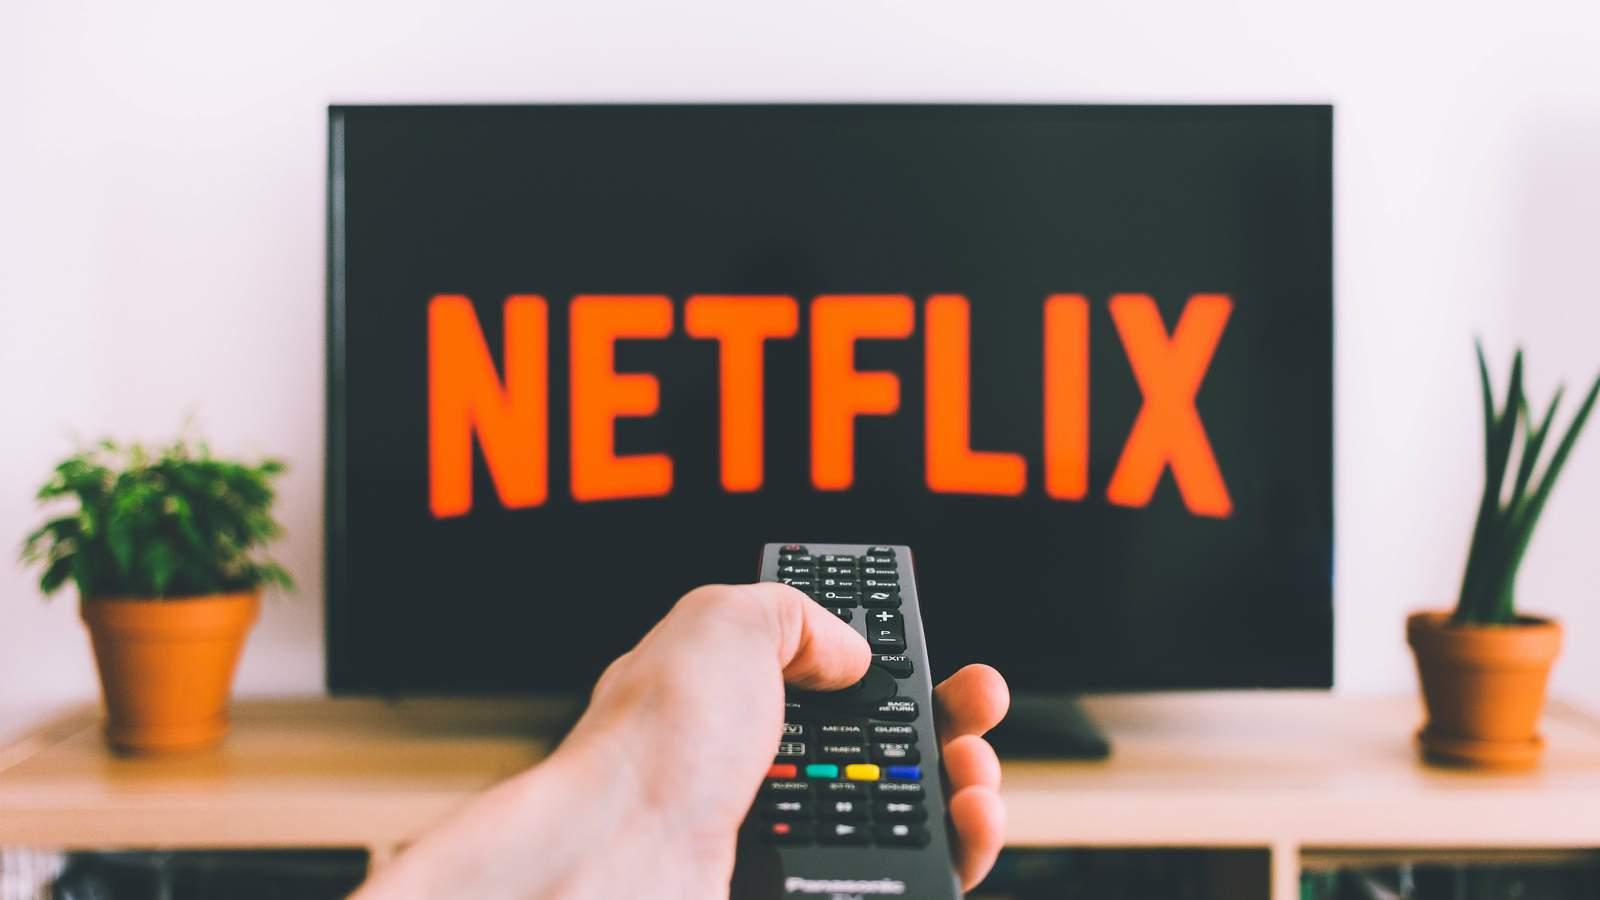 ¡Increíble! Netflix habilita la función de reproducción aleatoria de series y películas